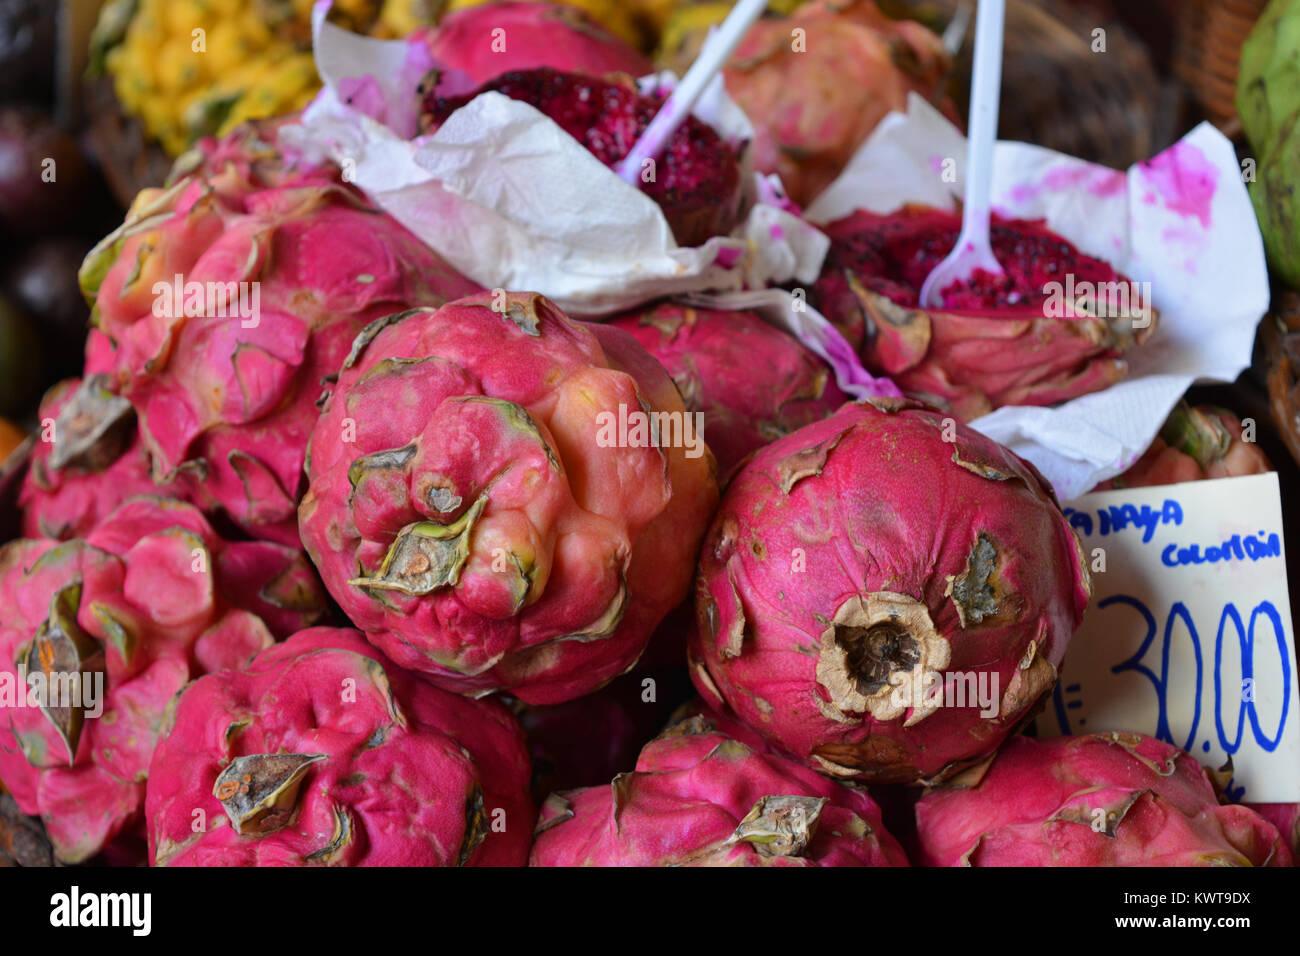 Dragon Obst, mit einem Schnitt öffnen, auf einem Markt, Mercado dos Lavradores, Funchal, Madeira, Portugal Stockbild